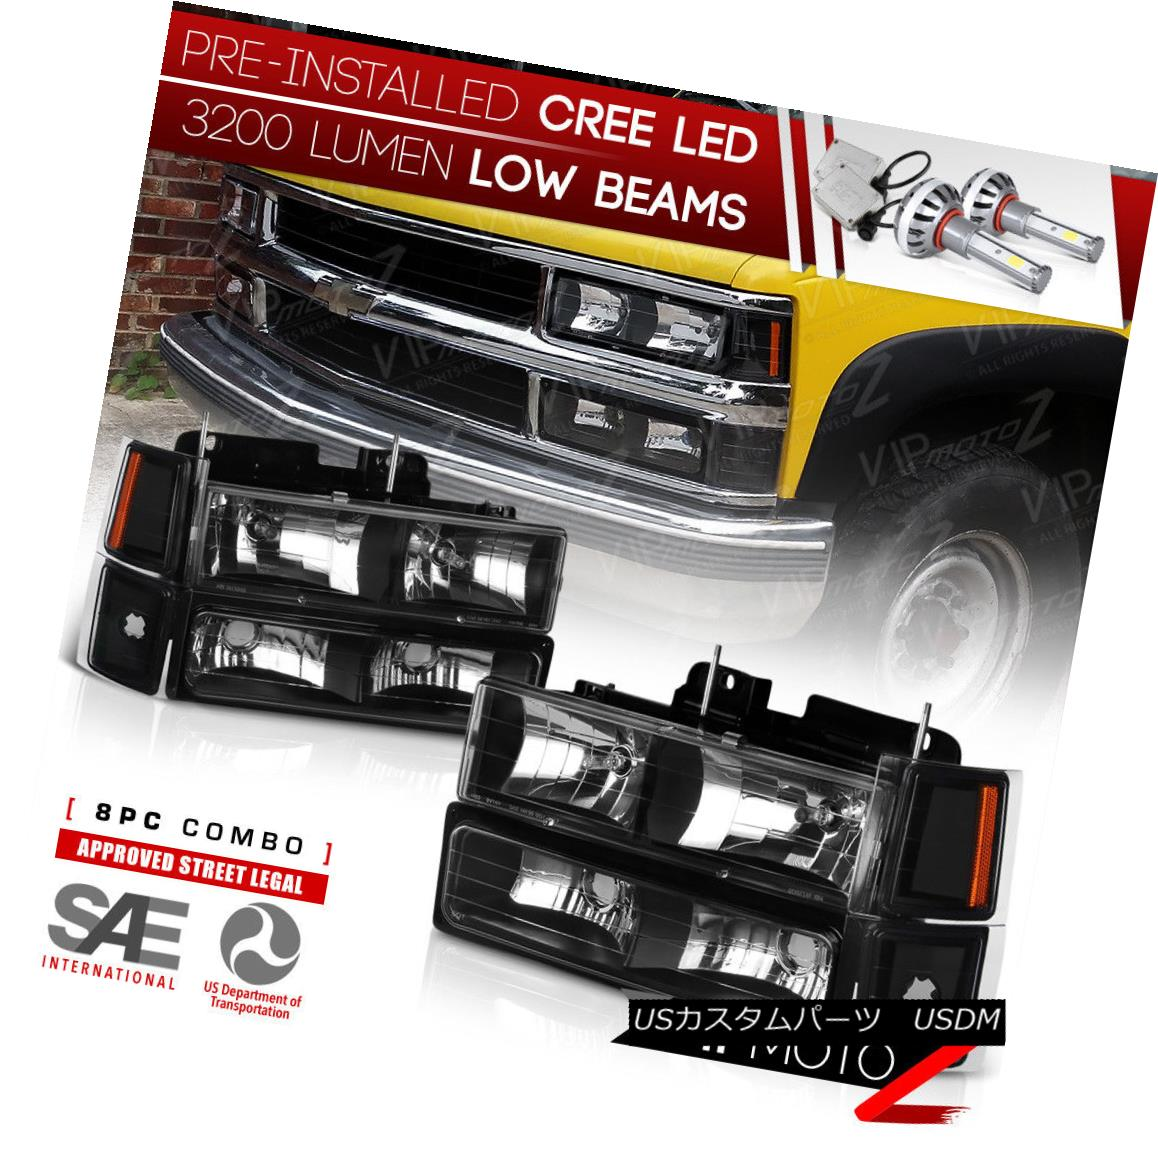 ヘッドライト !PRE-INSTALLED LED LOW BEAM! Headlight+Bumper Parking 94-98 C10/CK/Tahoe Pickup !プレインストールLEDロービーム! ヘッドライト+バンプ 駐車場94-98 C10 / CK / Tahoe Pickup